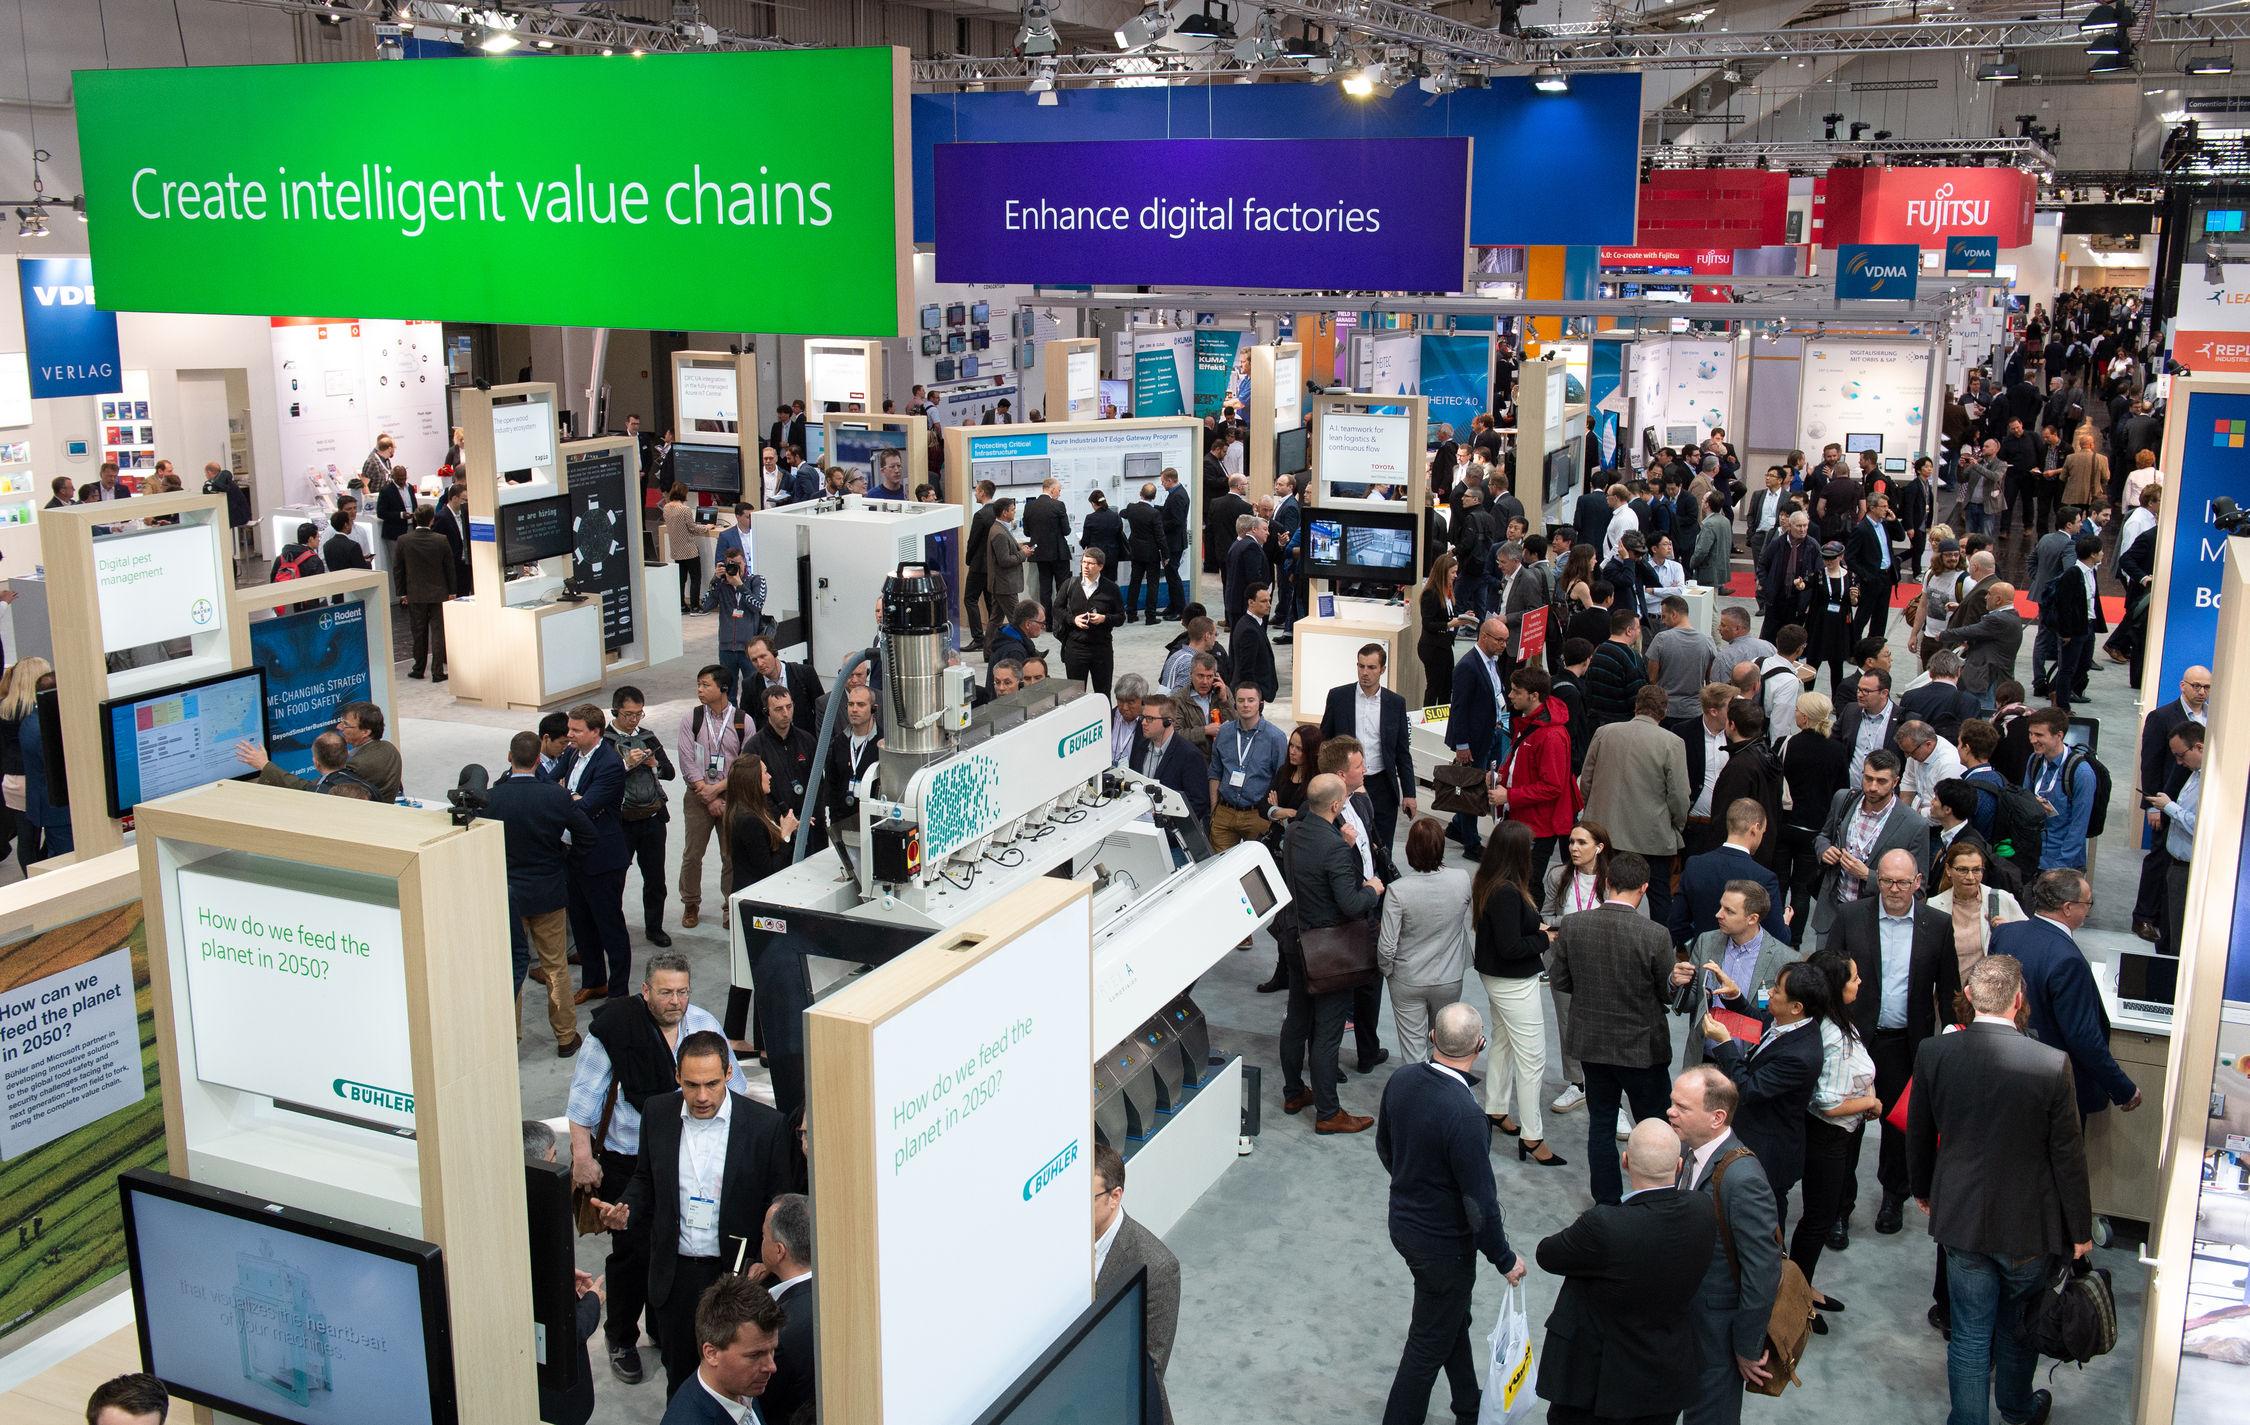 Ekonomi Bakanlığı Hannover Messe'ye yerli ve milli üretimle katılan Türk markalarını destekleyecek.